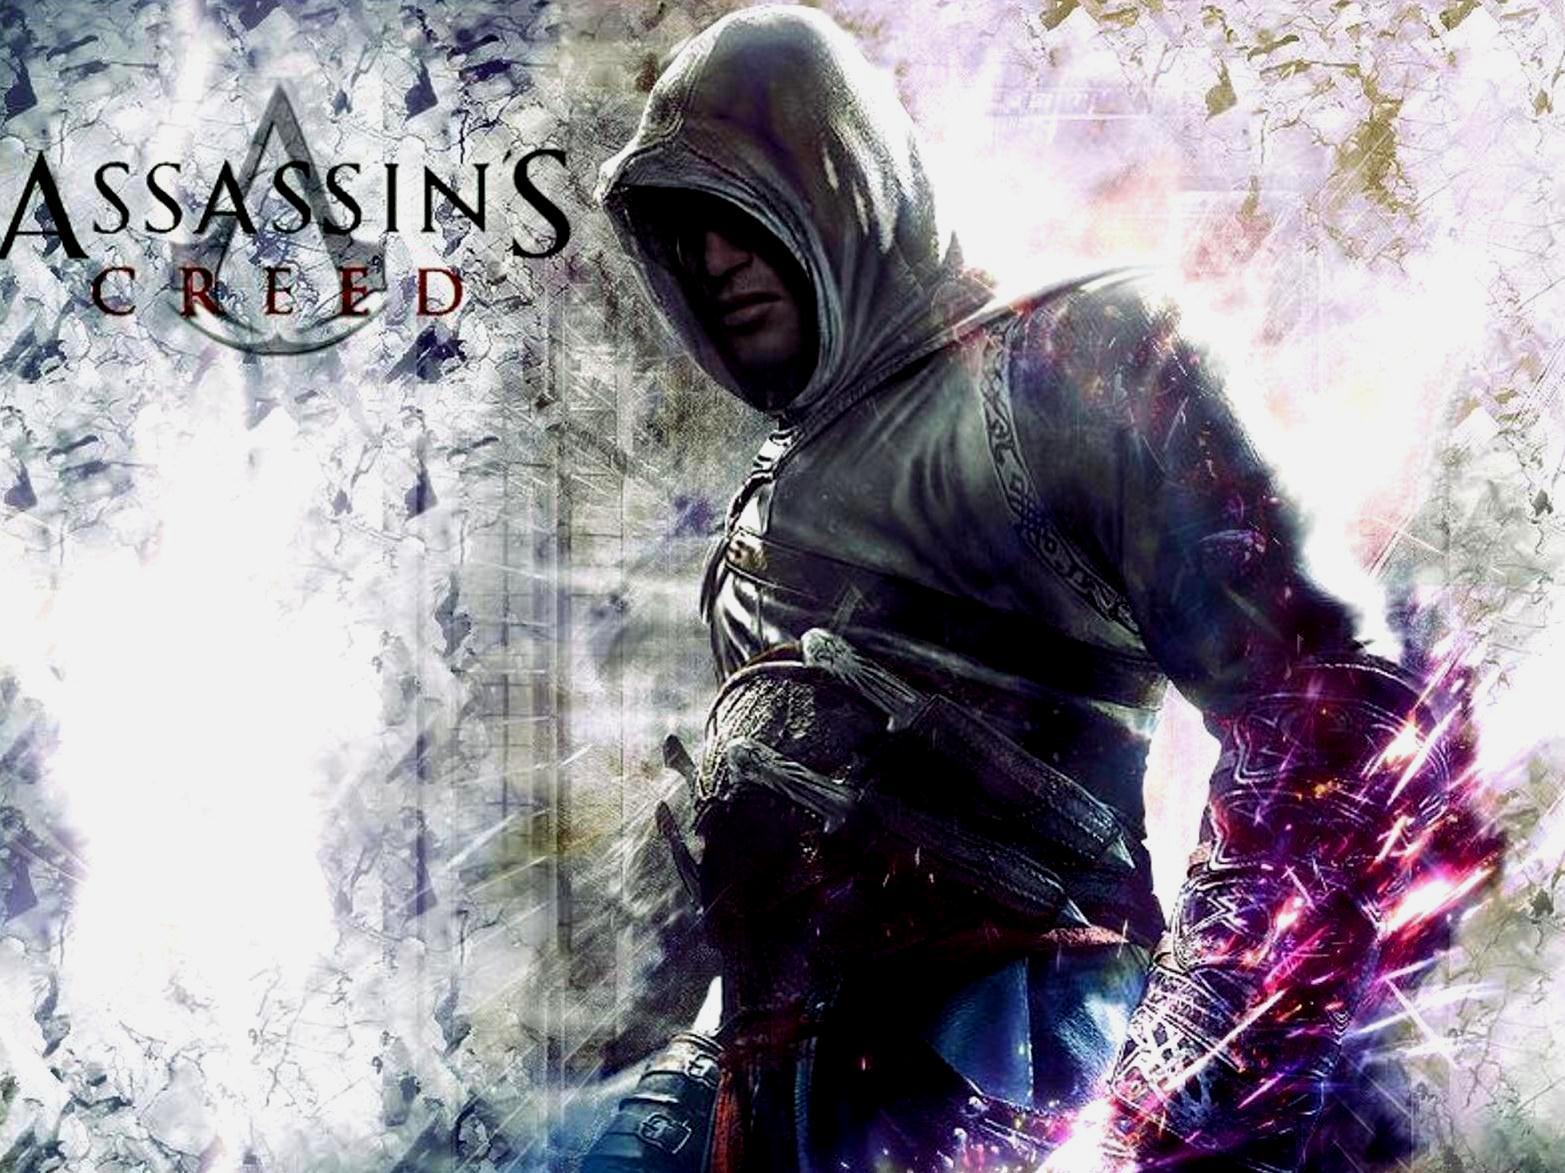 Cool Assassin's Creed Wallpapers - WallpaperSafari